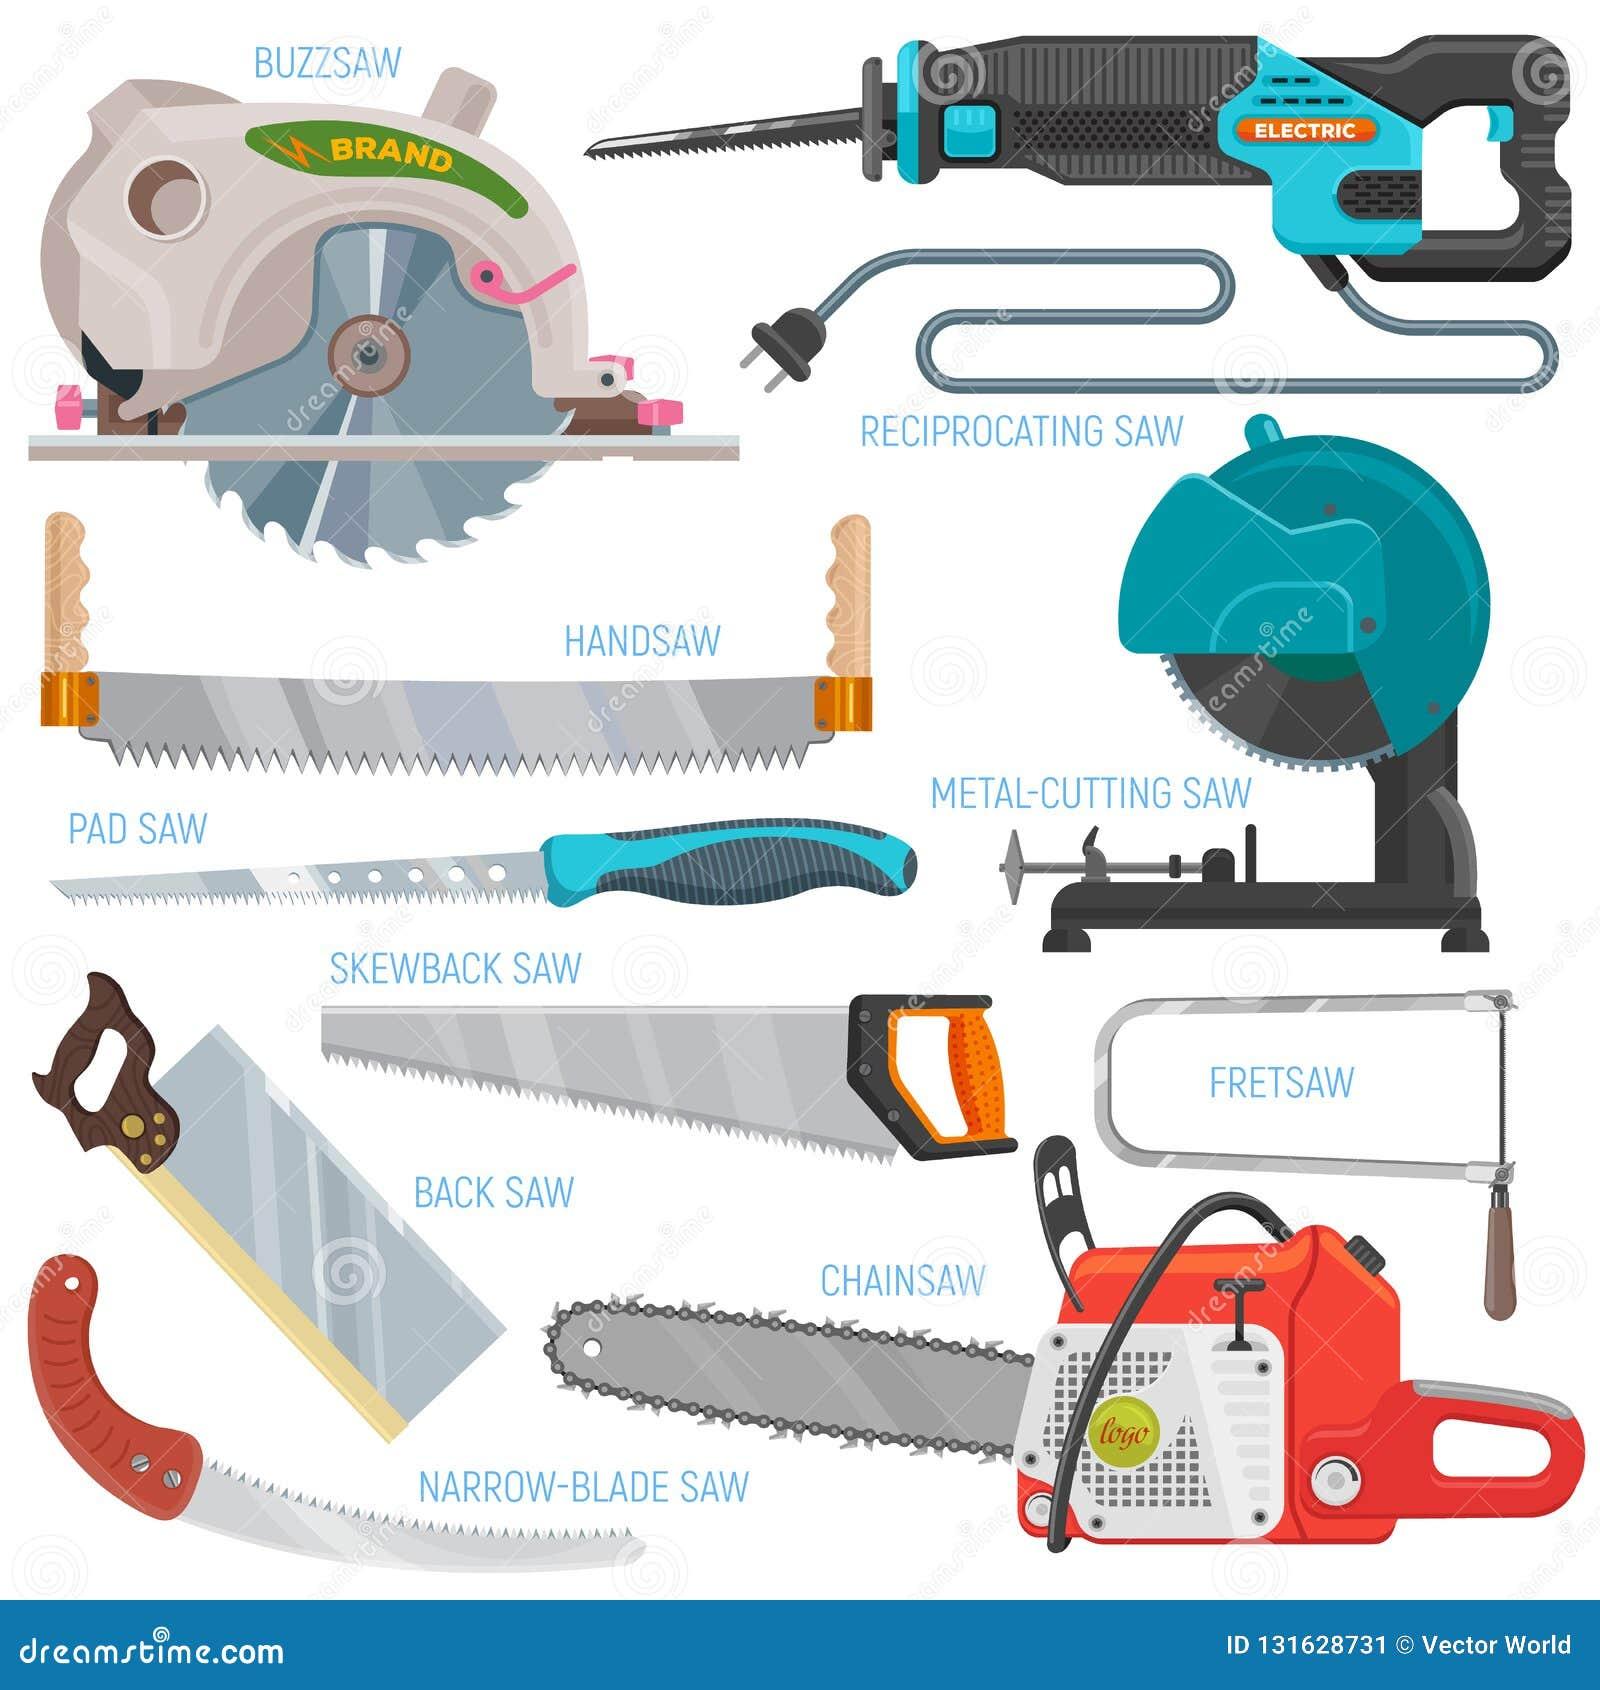 锯传染媒介锯切设备手锯引形钢锯锯和pullsaw锯木屑木匠业有锋利的刀片的金属工具为